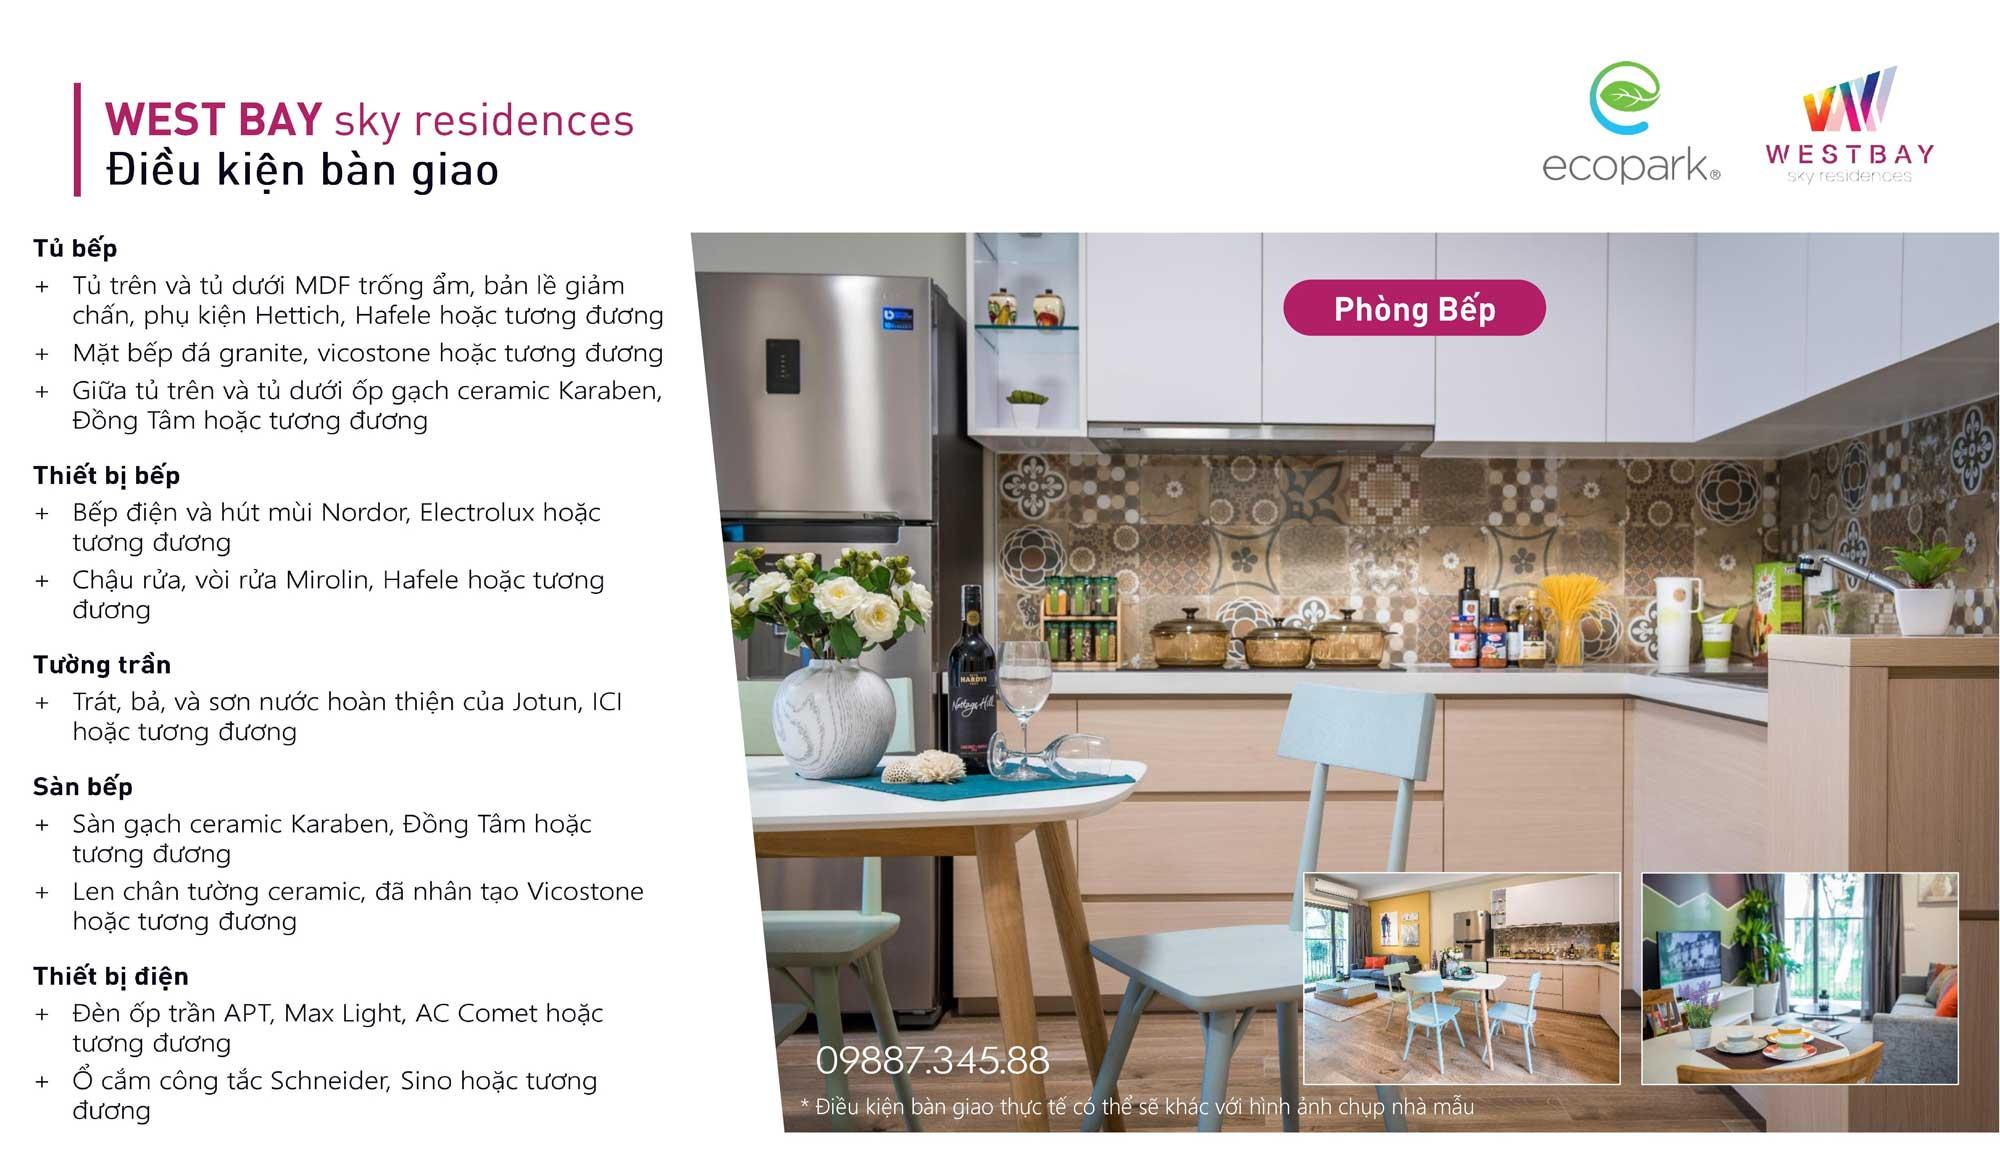 Tiêu chuẩn bàn giao phòng bếp chung cư West Bay Ecopark